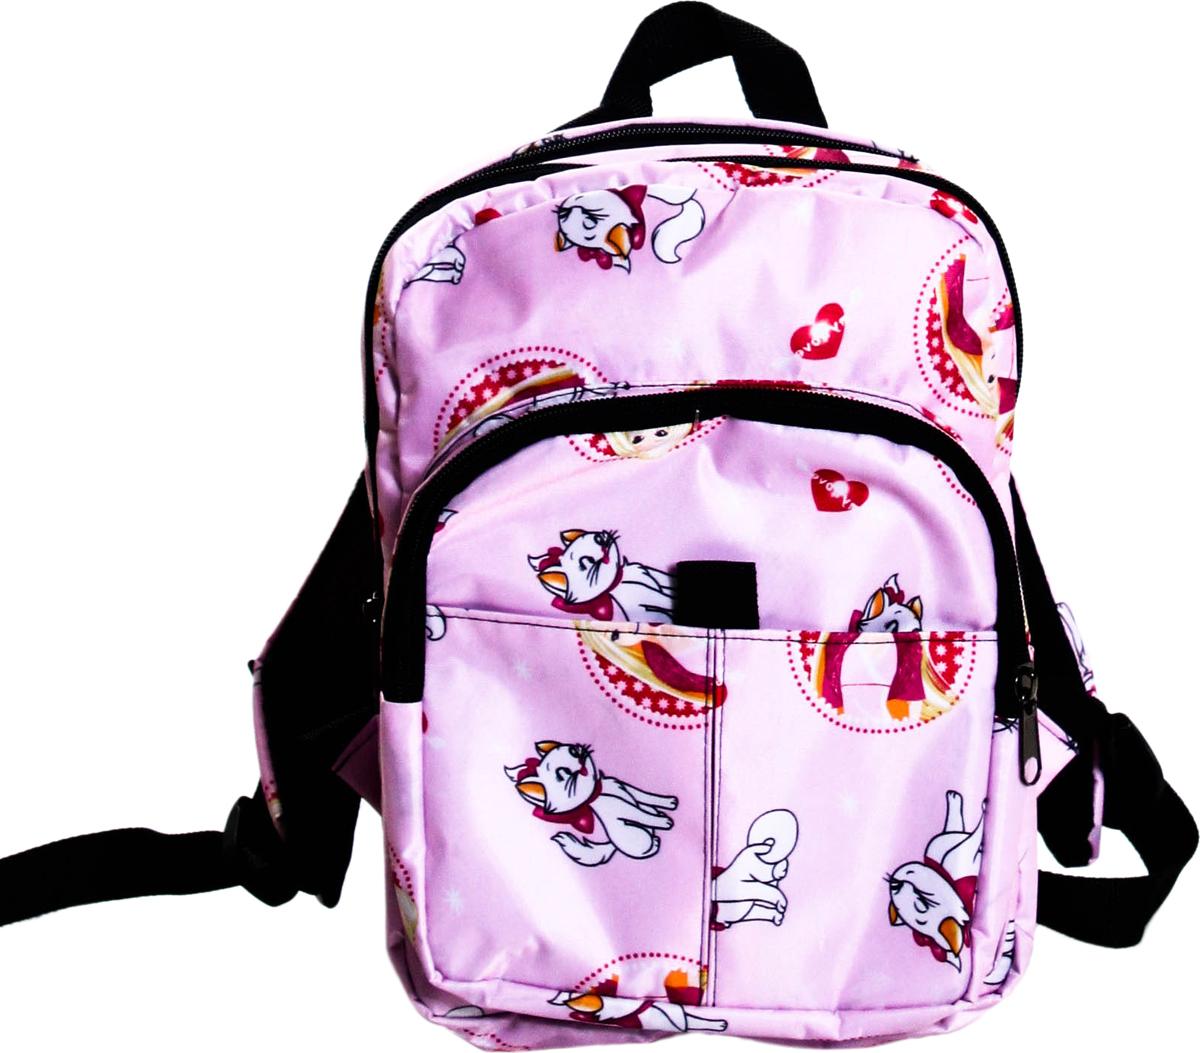 Рюкзак детский Девочка + кошка, цвет: светло-розовый, 8 л081 девочка+кошкаТекстильный рюкзак для маленьких модников и модниц! Идеален, как для повседневной носки, так и для поездок и путешествий. В свой рюкзак Ваш ребенок сможет собрать самые необходимые для него вещи : любимую игрушку, раскраску, интересную книгу или свой гаджет. Данная модель не смотря на размер очень вместительна, имеет два основных отделения и два кармана на молнии снаружи.